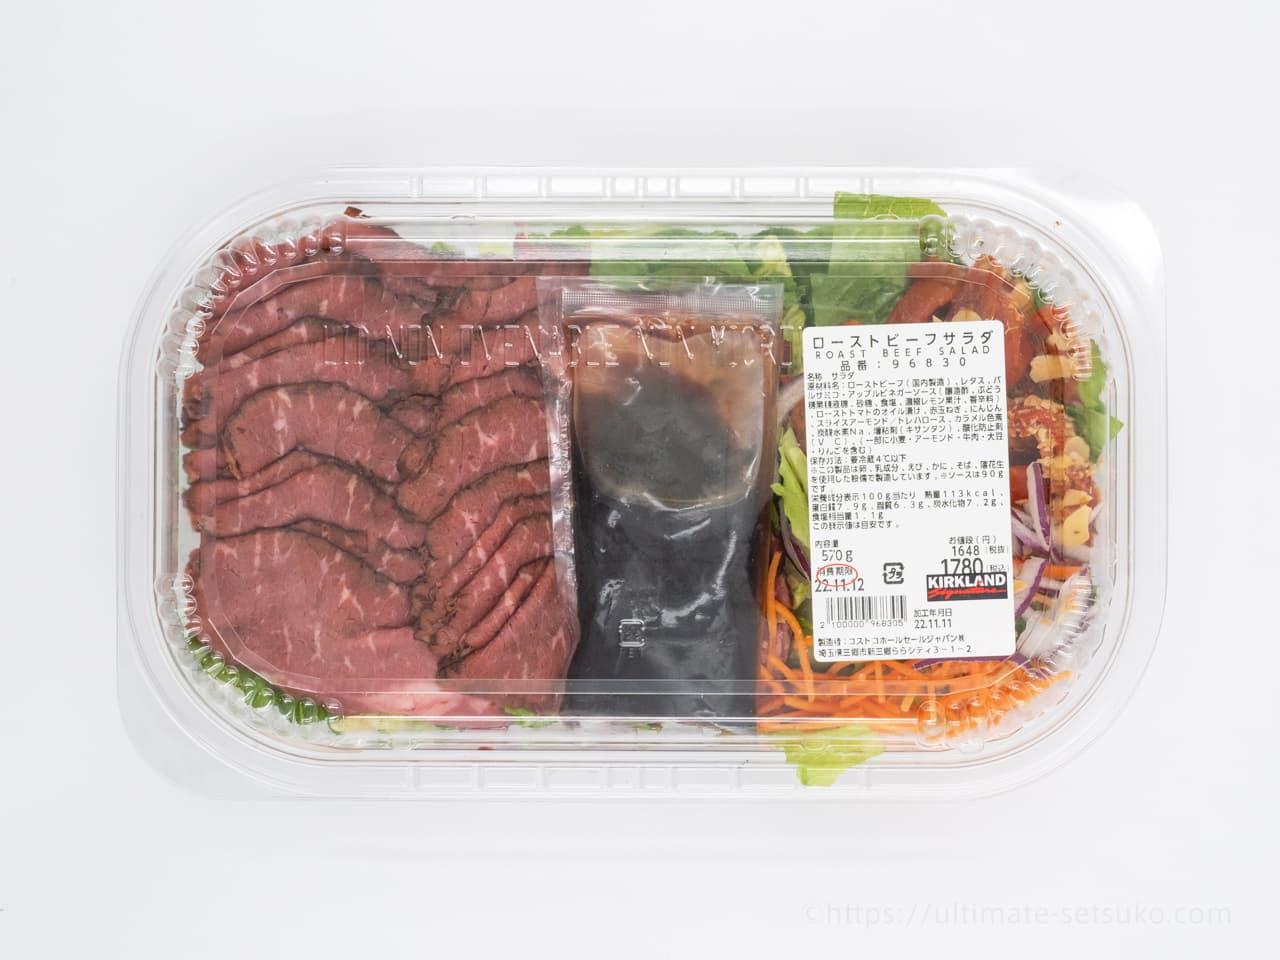 期限 ローストビーフ 賞味 ローストビーフの冷凍、解凍後の賞味期限